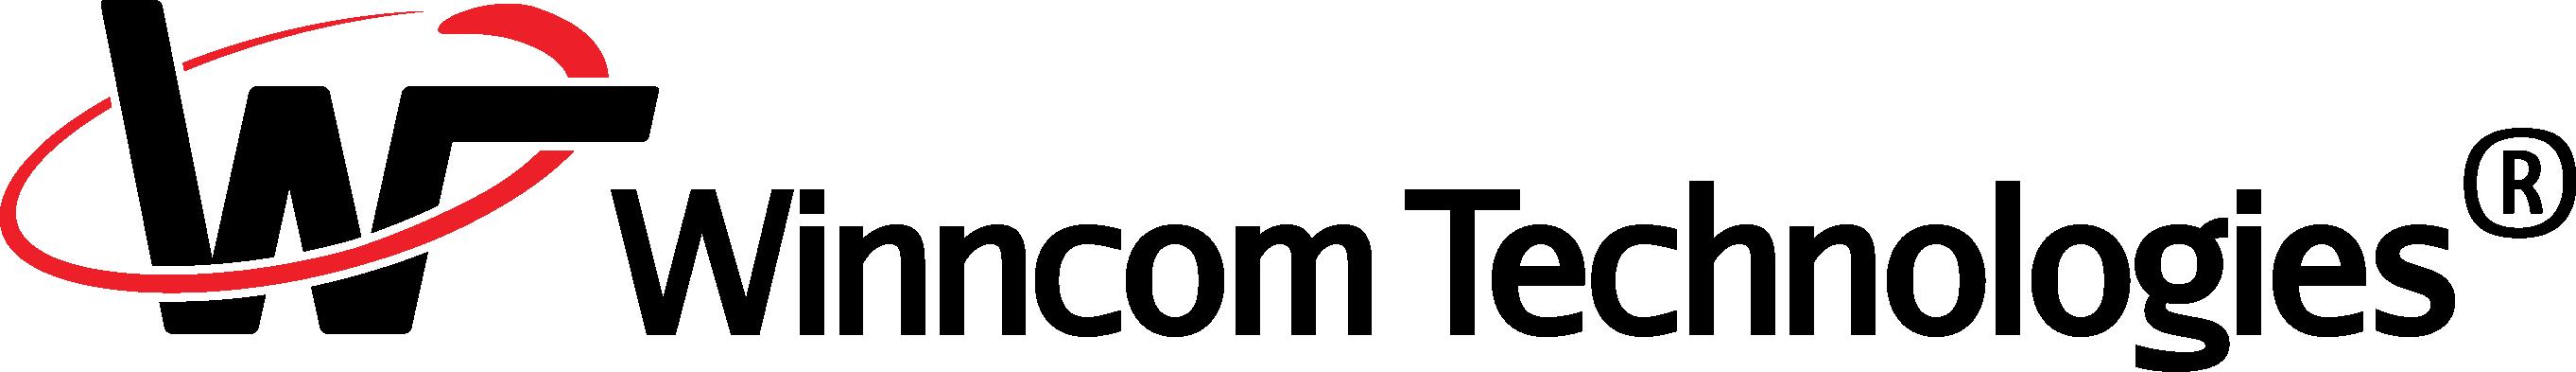 winncom_logo_original